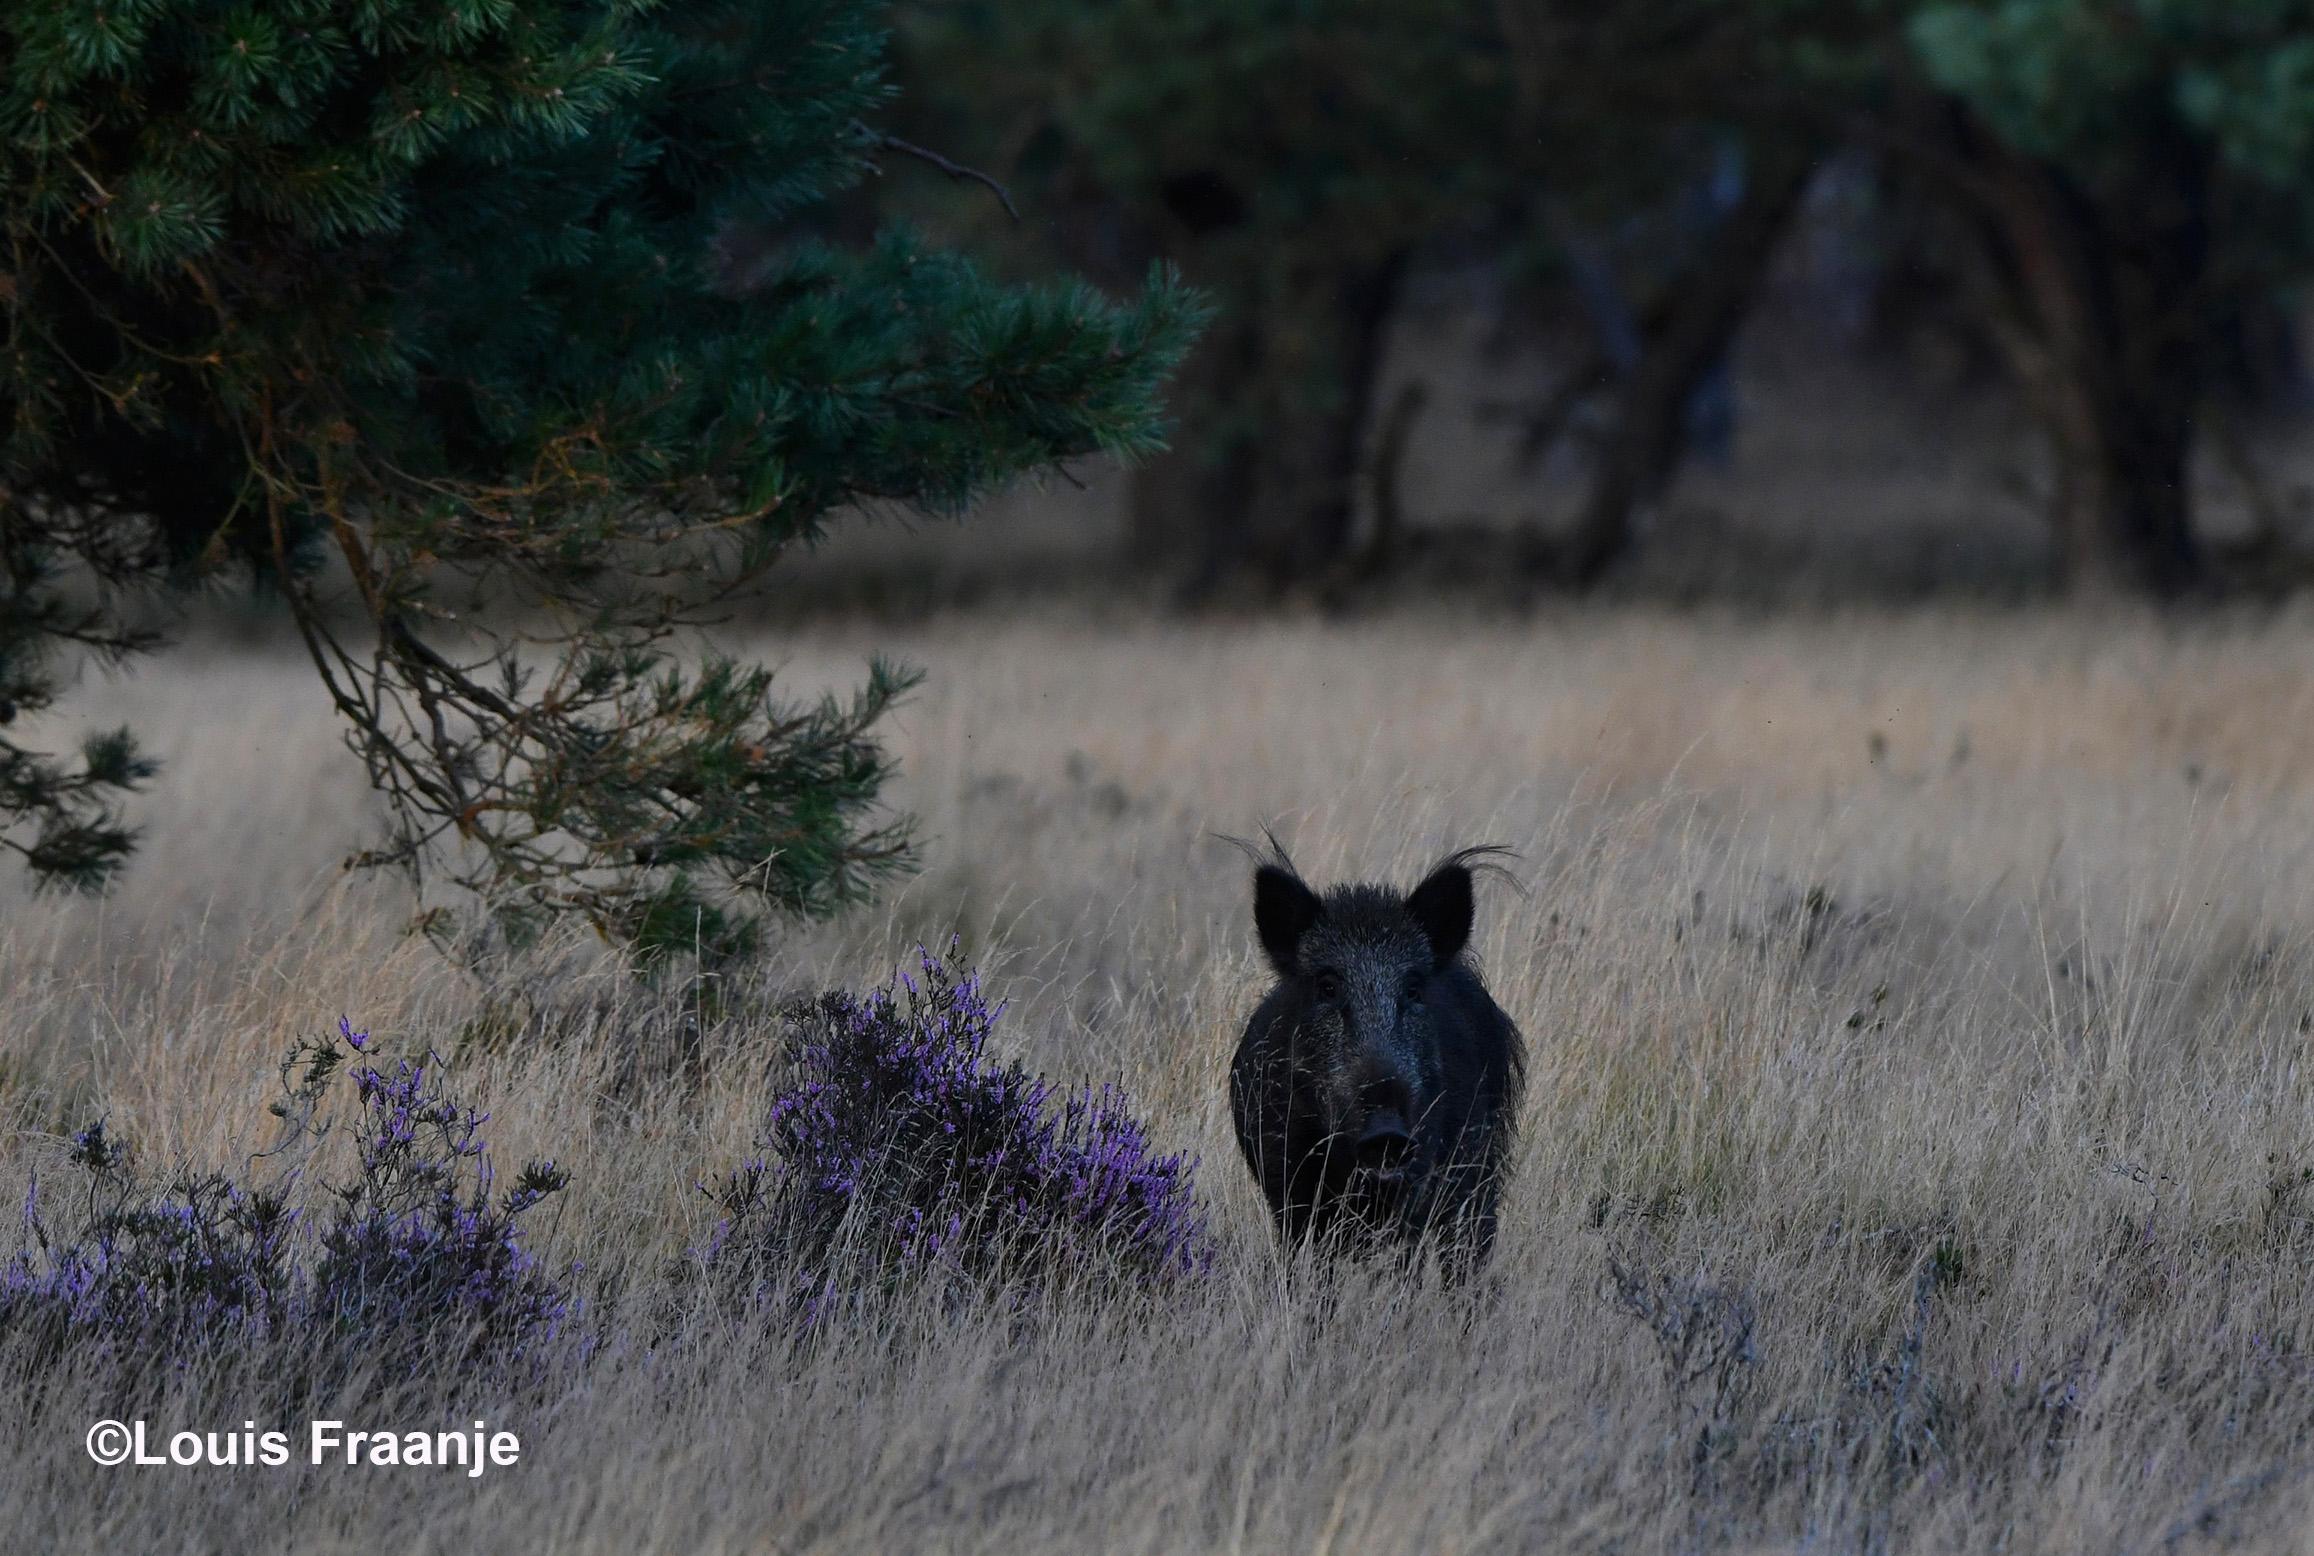 Naast de bloeiende heidestruik stond het zwijn onze kant op te kijken. Een mooie opening van deze wildavond - Foto: ©Louis Fraanje